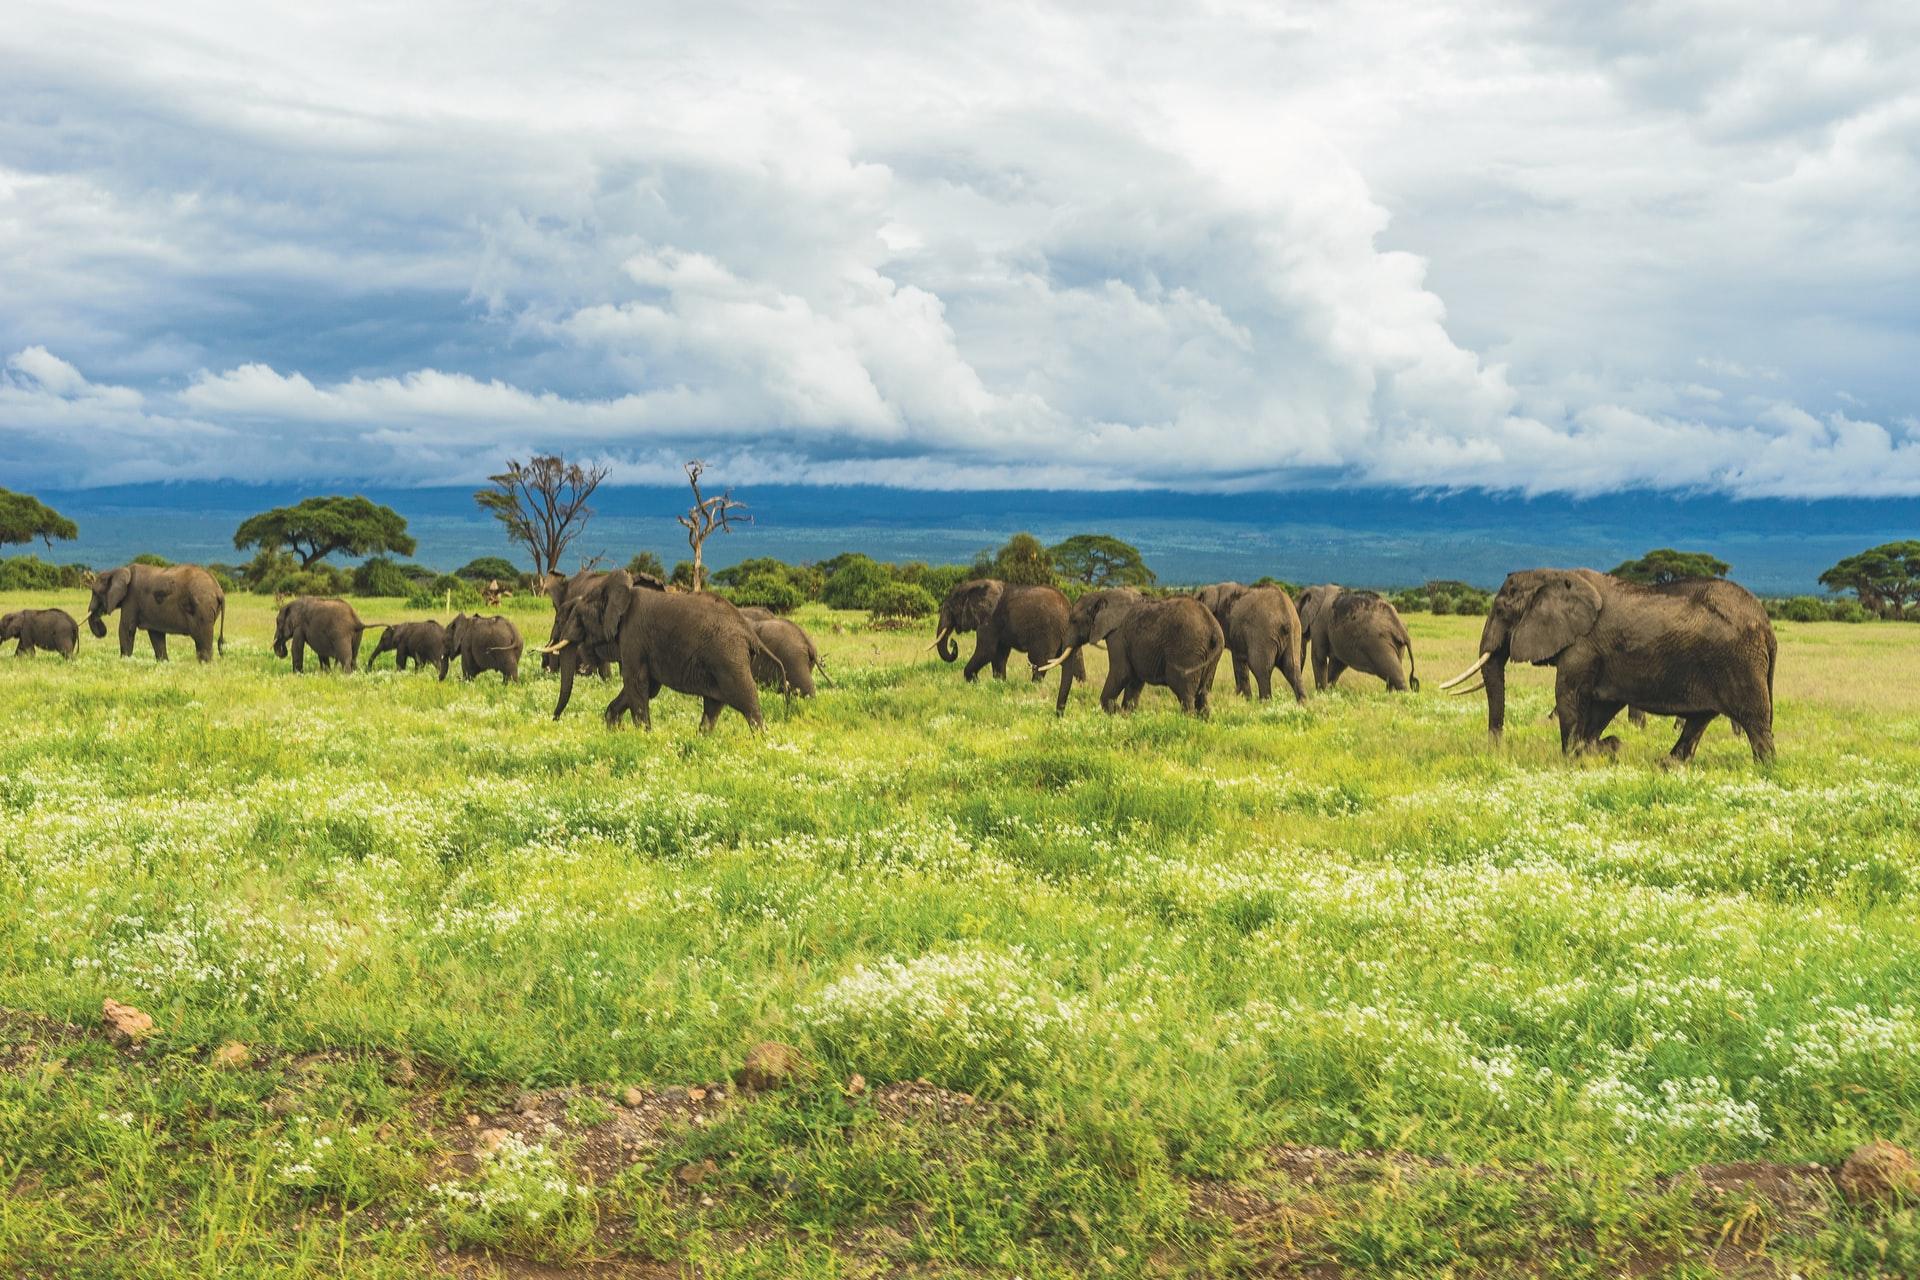 Turismo responsabile in Africa: l'esempio della Tanzania